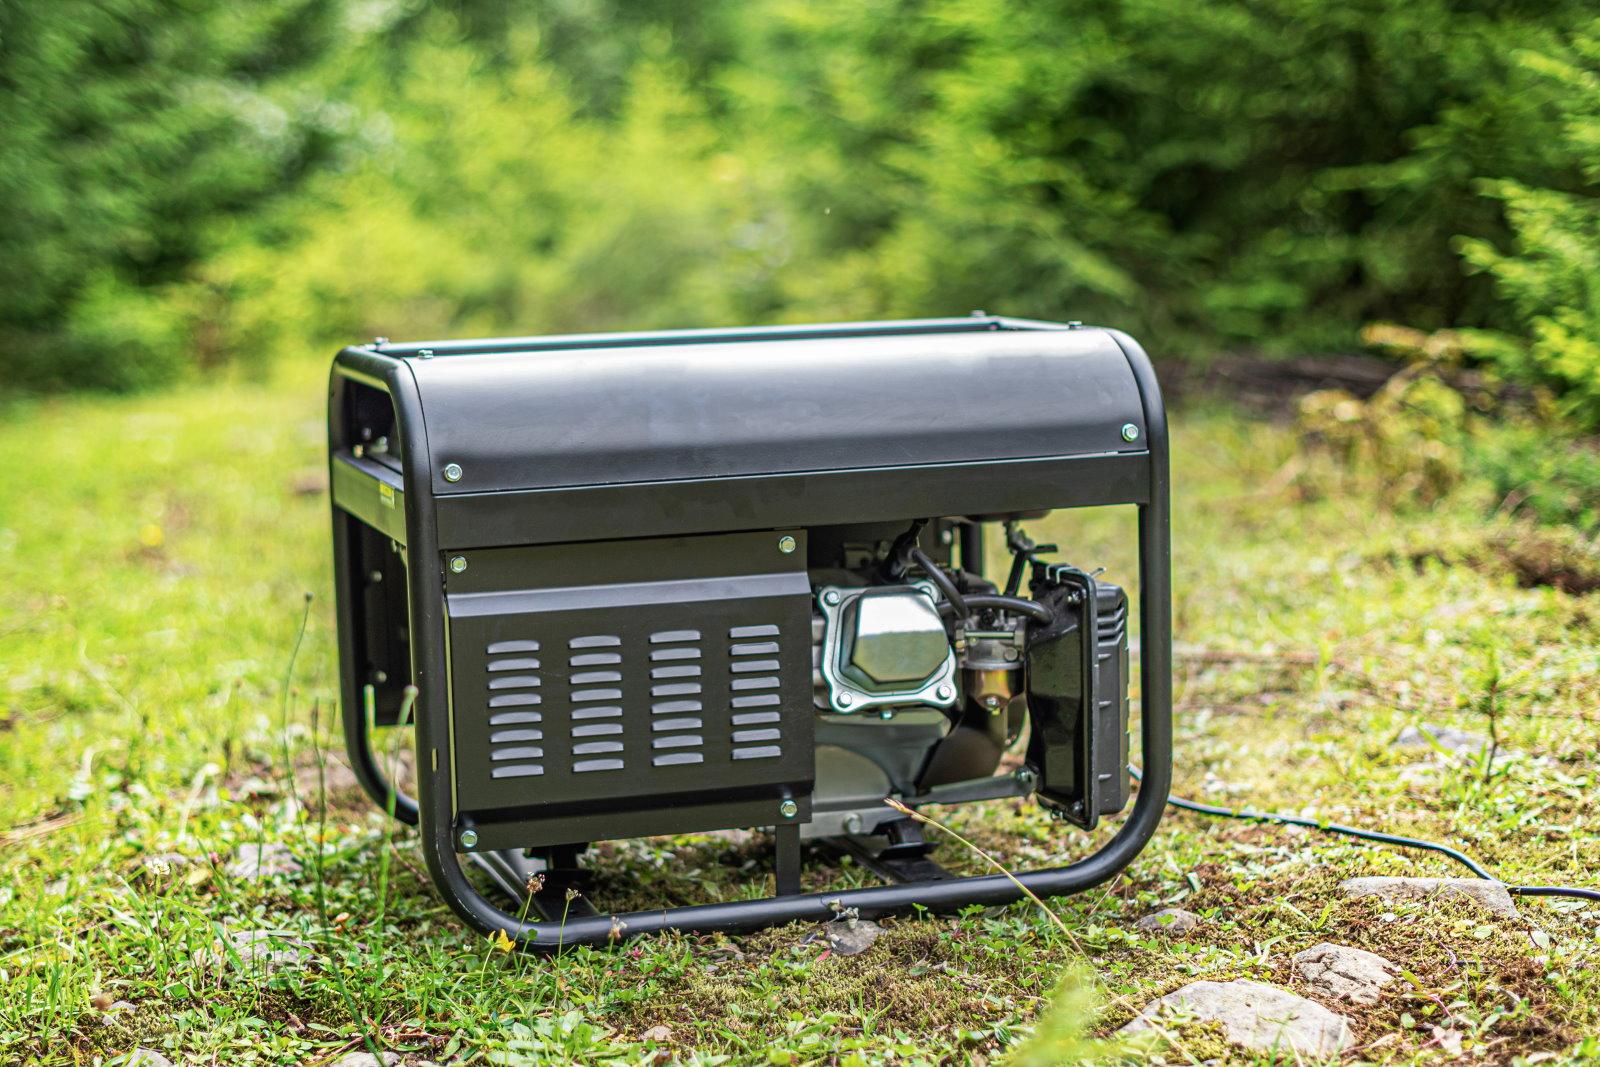 Ein schwarzer Konverter-Stromerzeuger steht im Wald